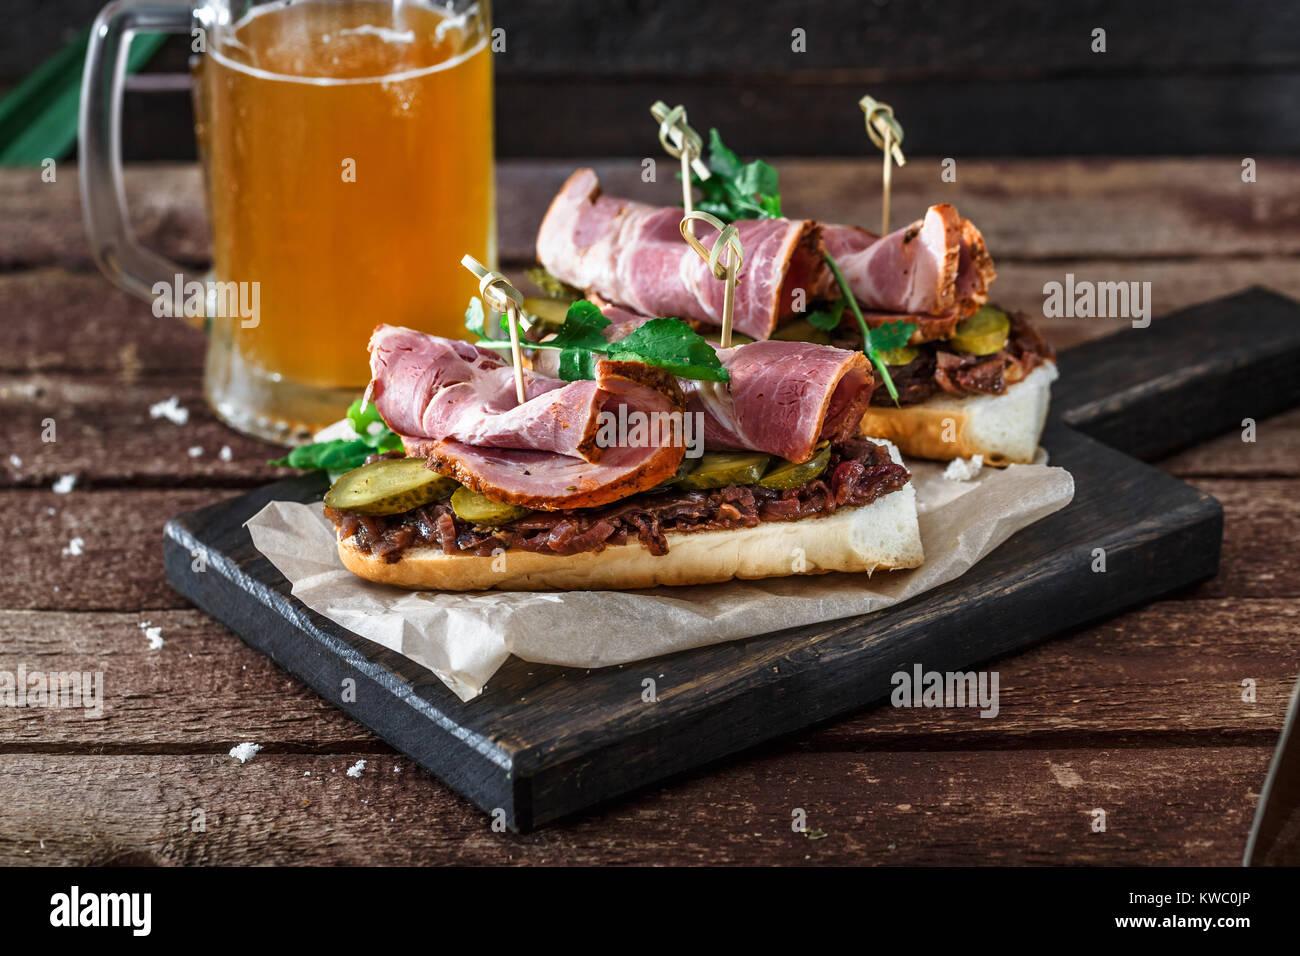 Sandwiches avec de la viande fumée, confiture d'oignons et de bière Photo Stock